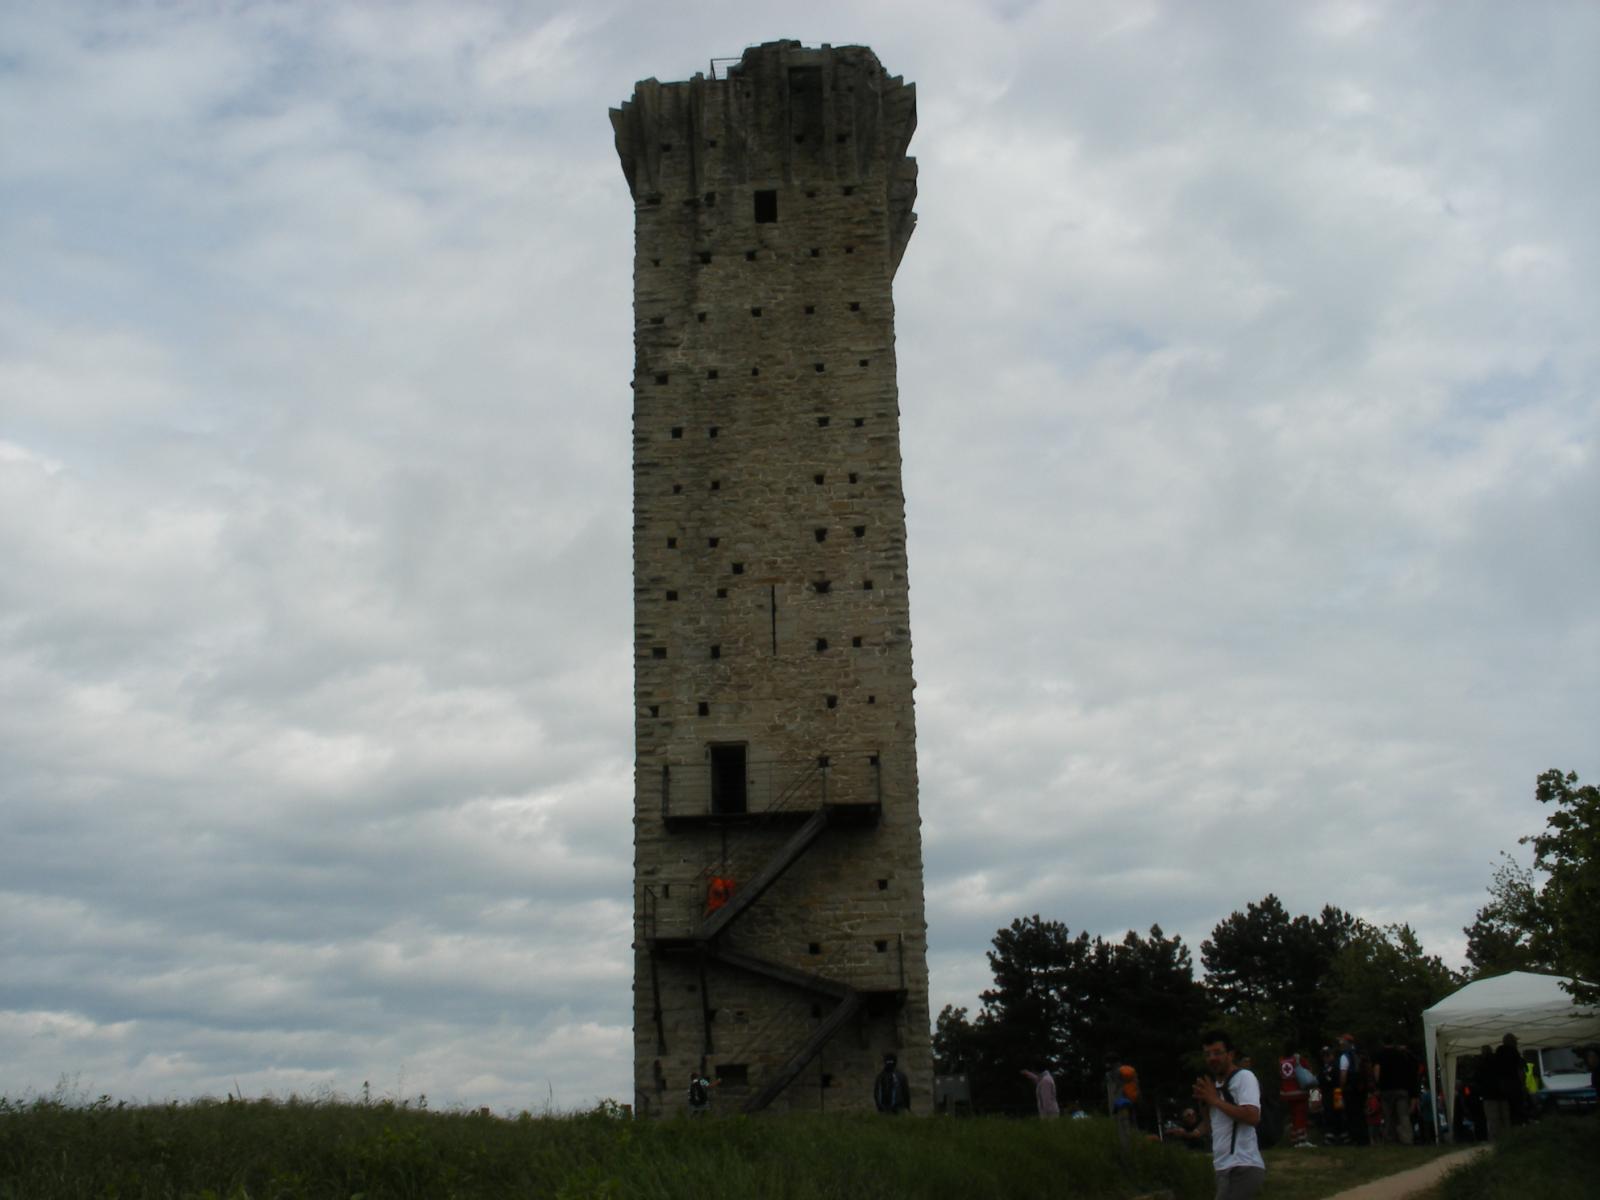 Torre di Vengore